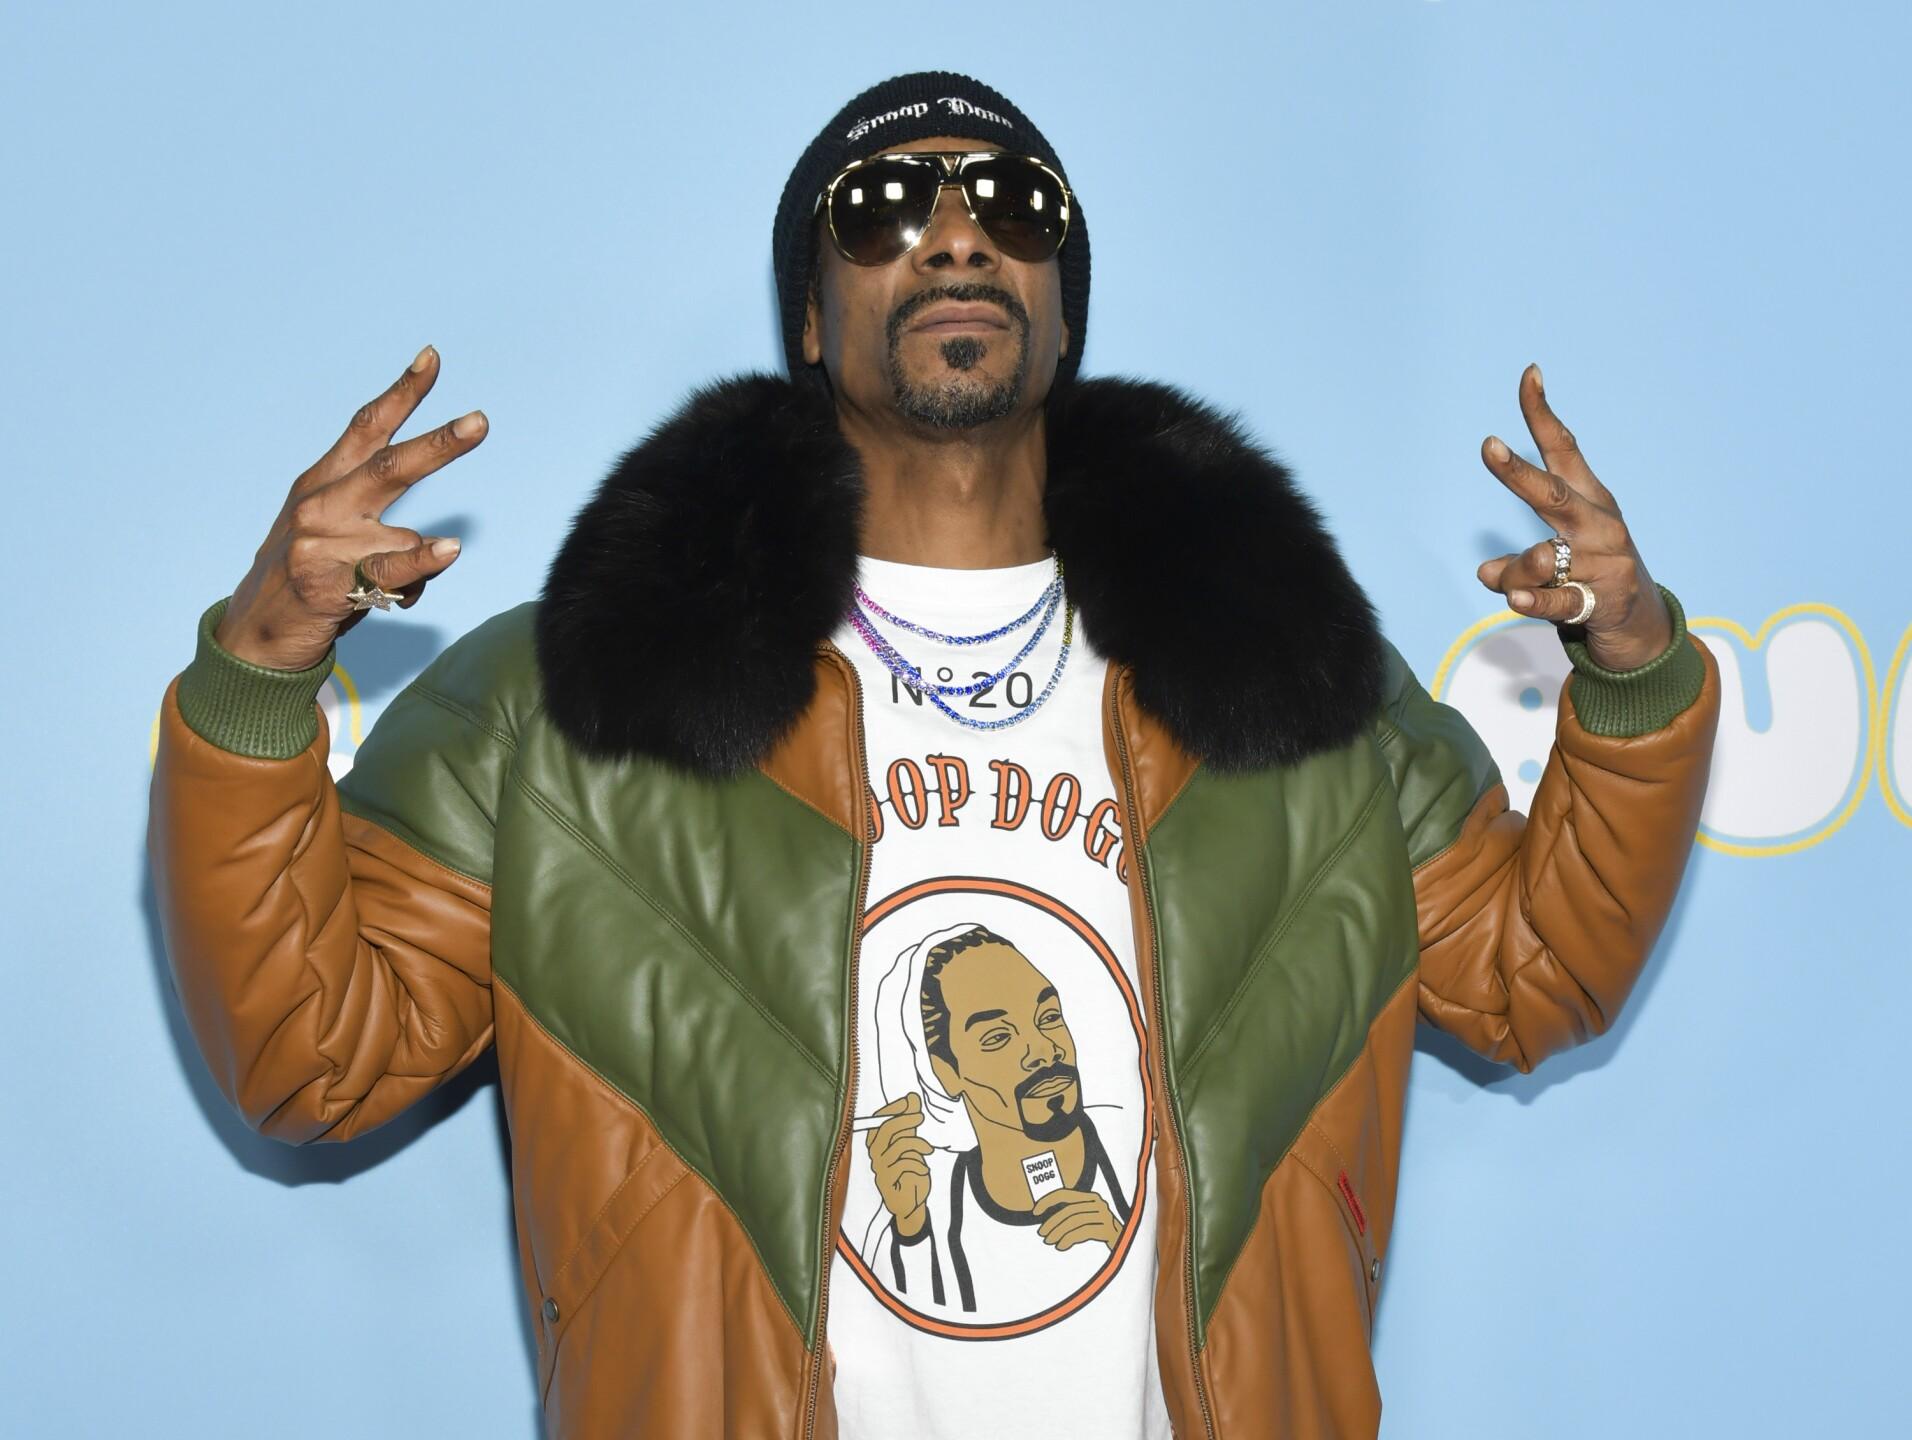 Snoop Dog to headline Summerfest on July 7.